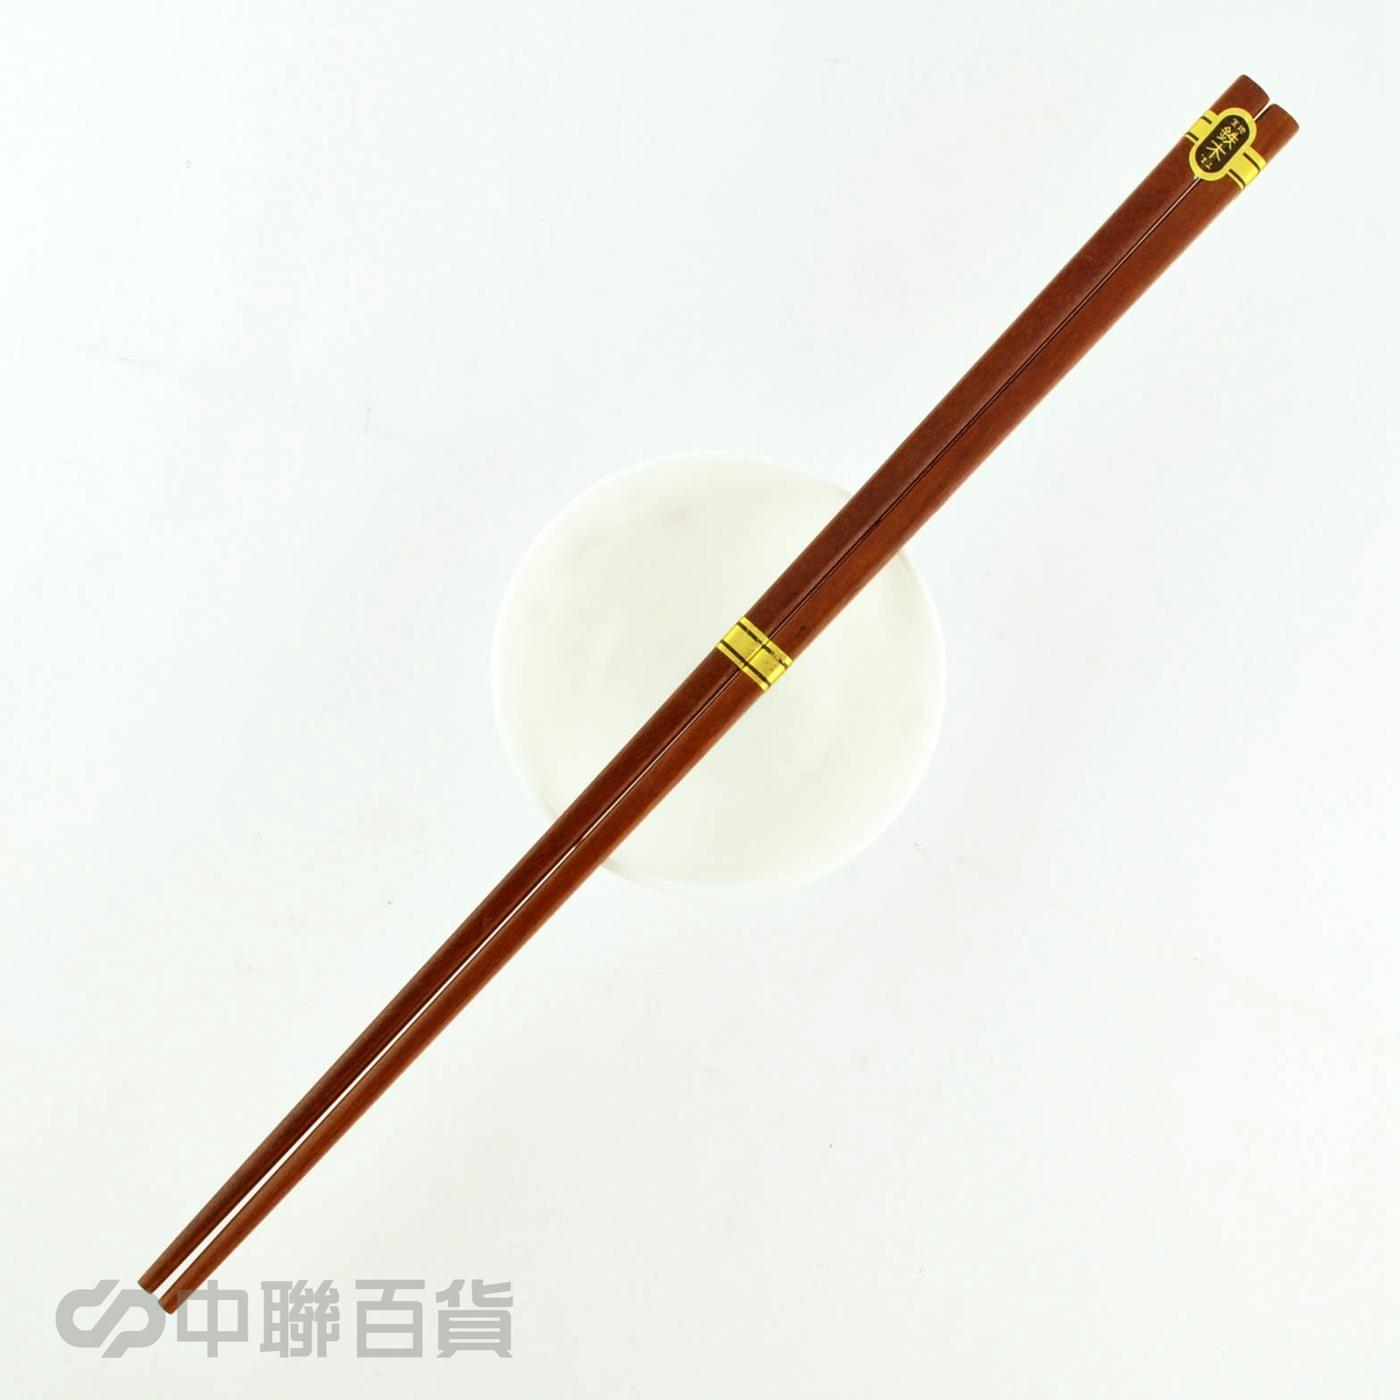 上龍鐵木調理筷(41cm)1雙 TL-1071